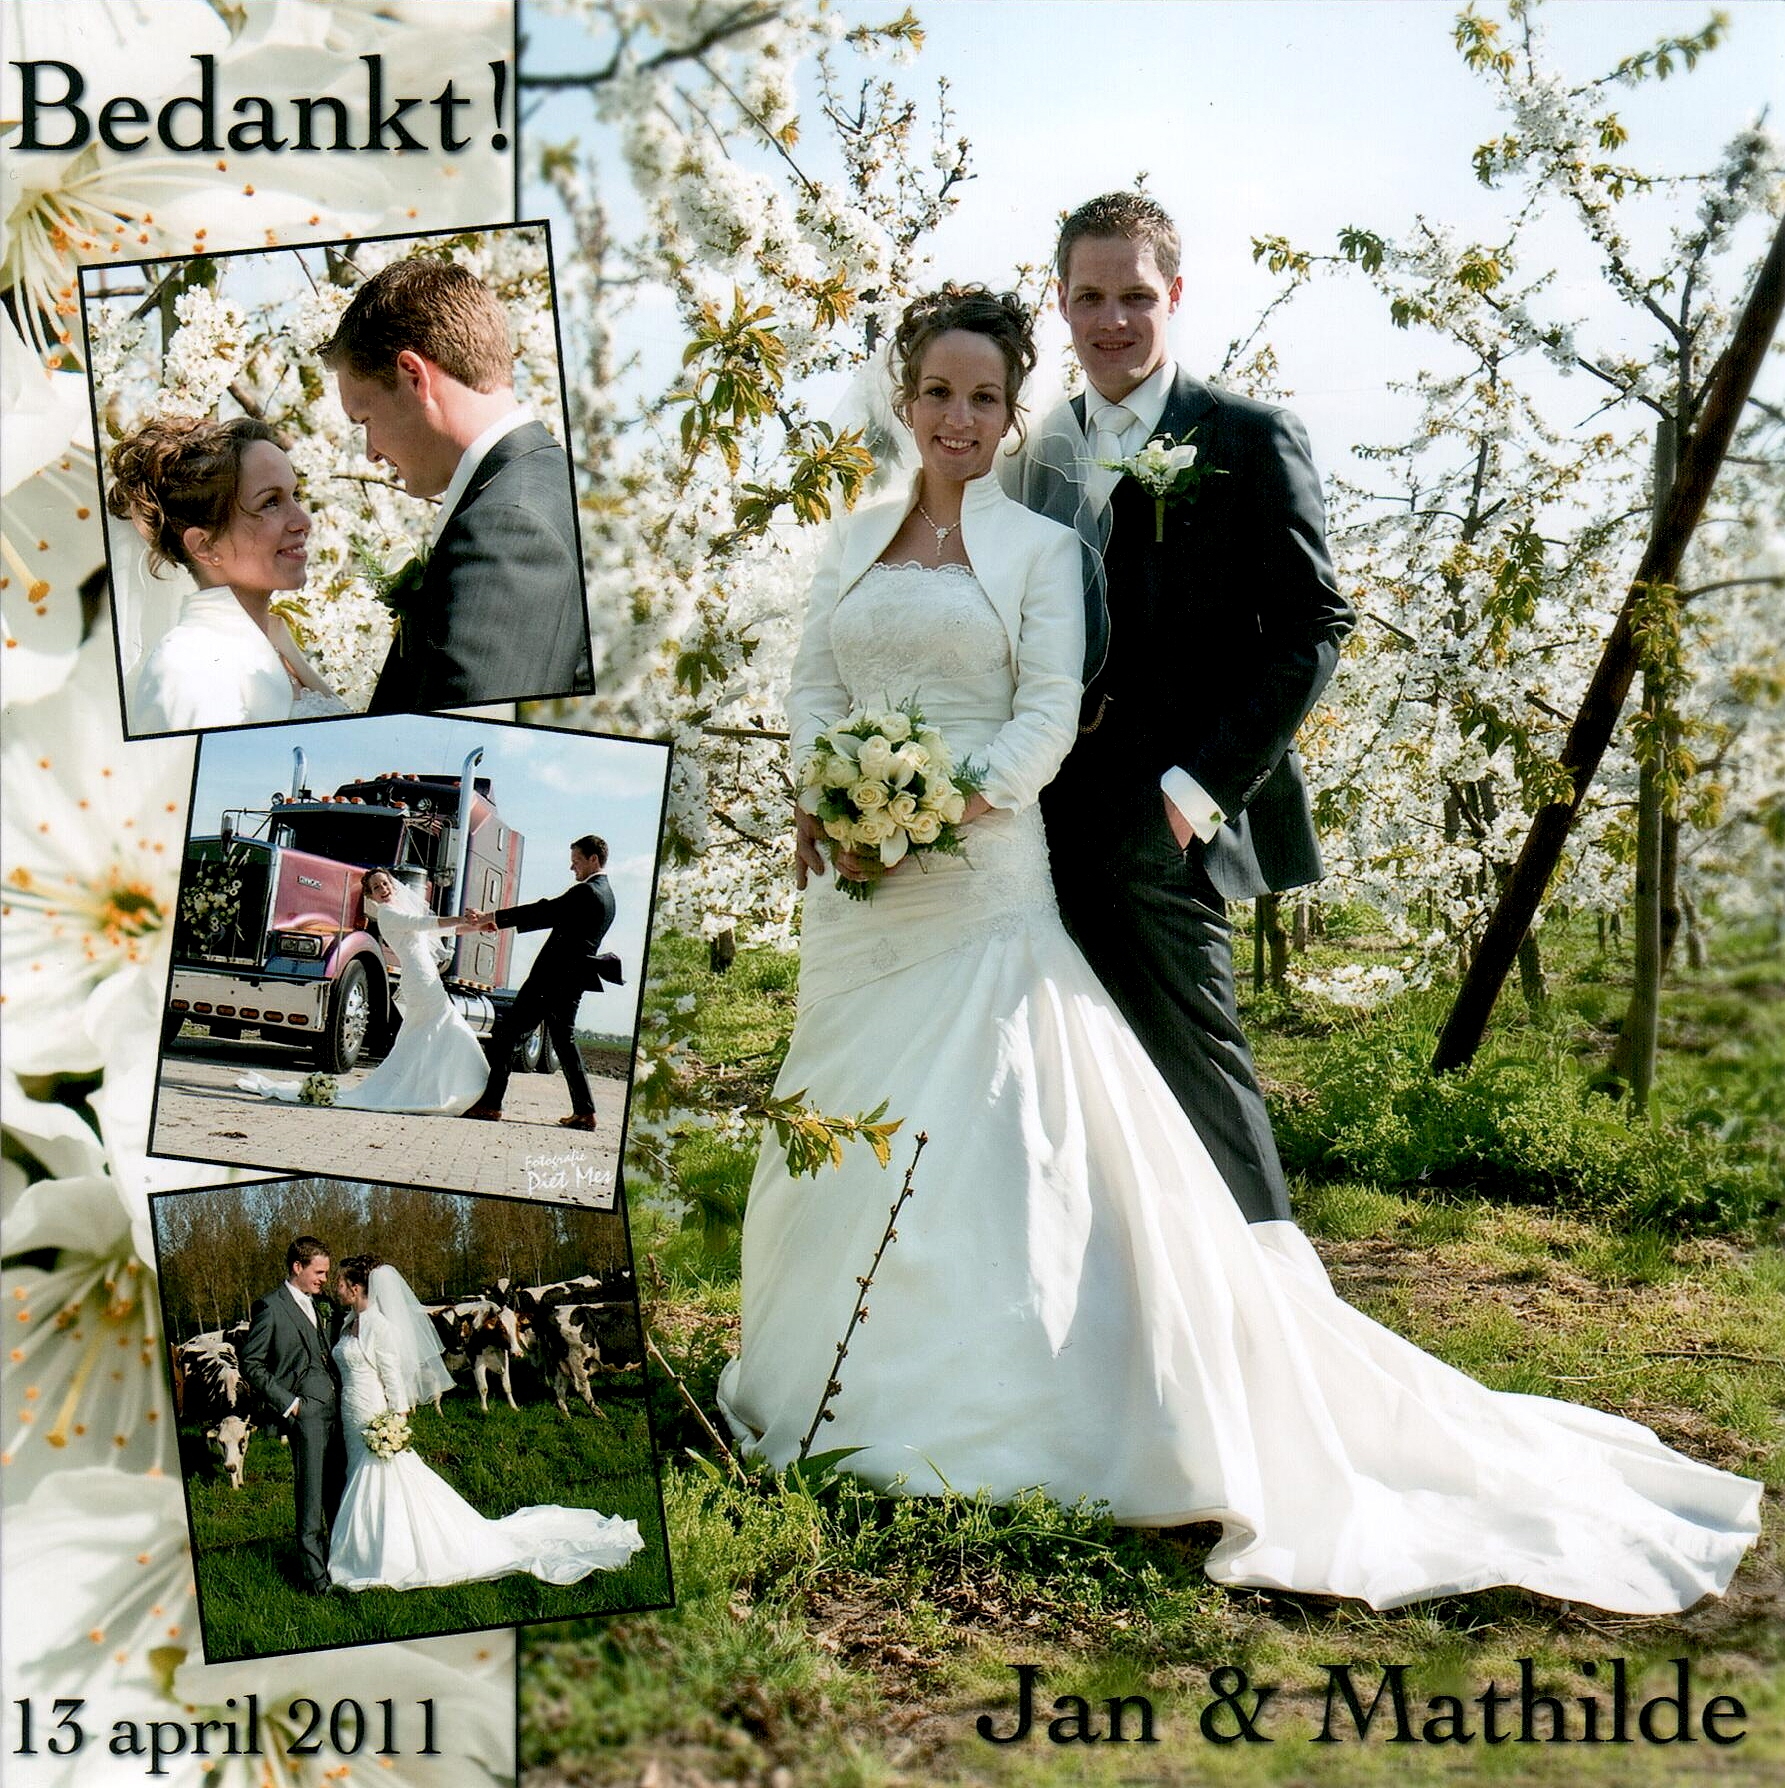 Bruidspaar Van Os - de Groot